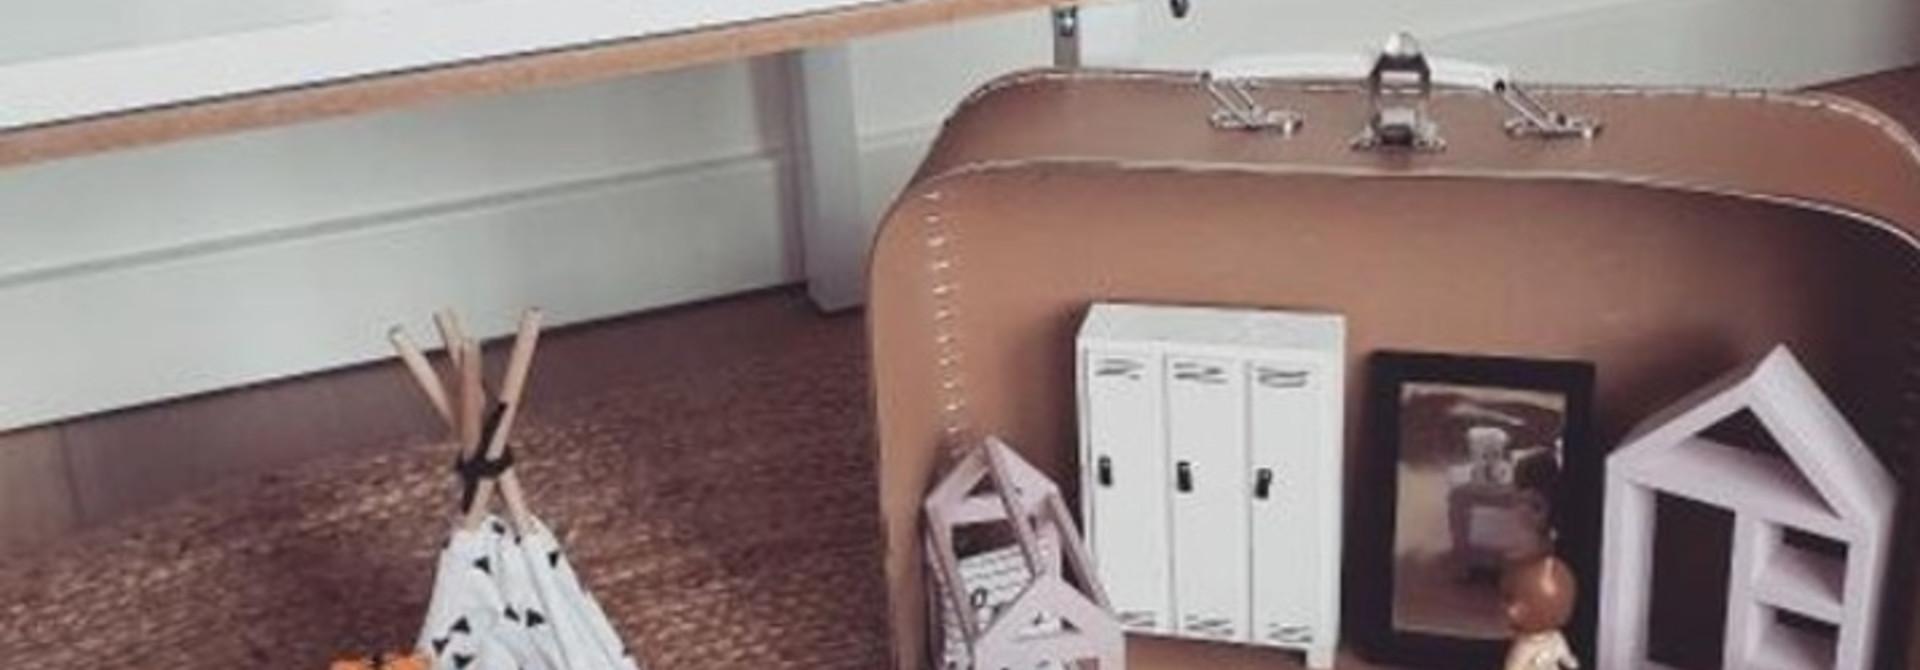 Poppenhuis Koffer Craft